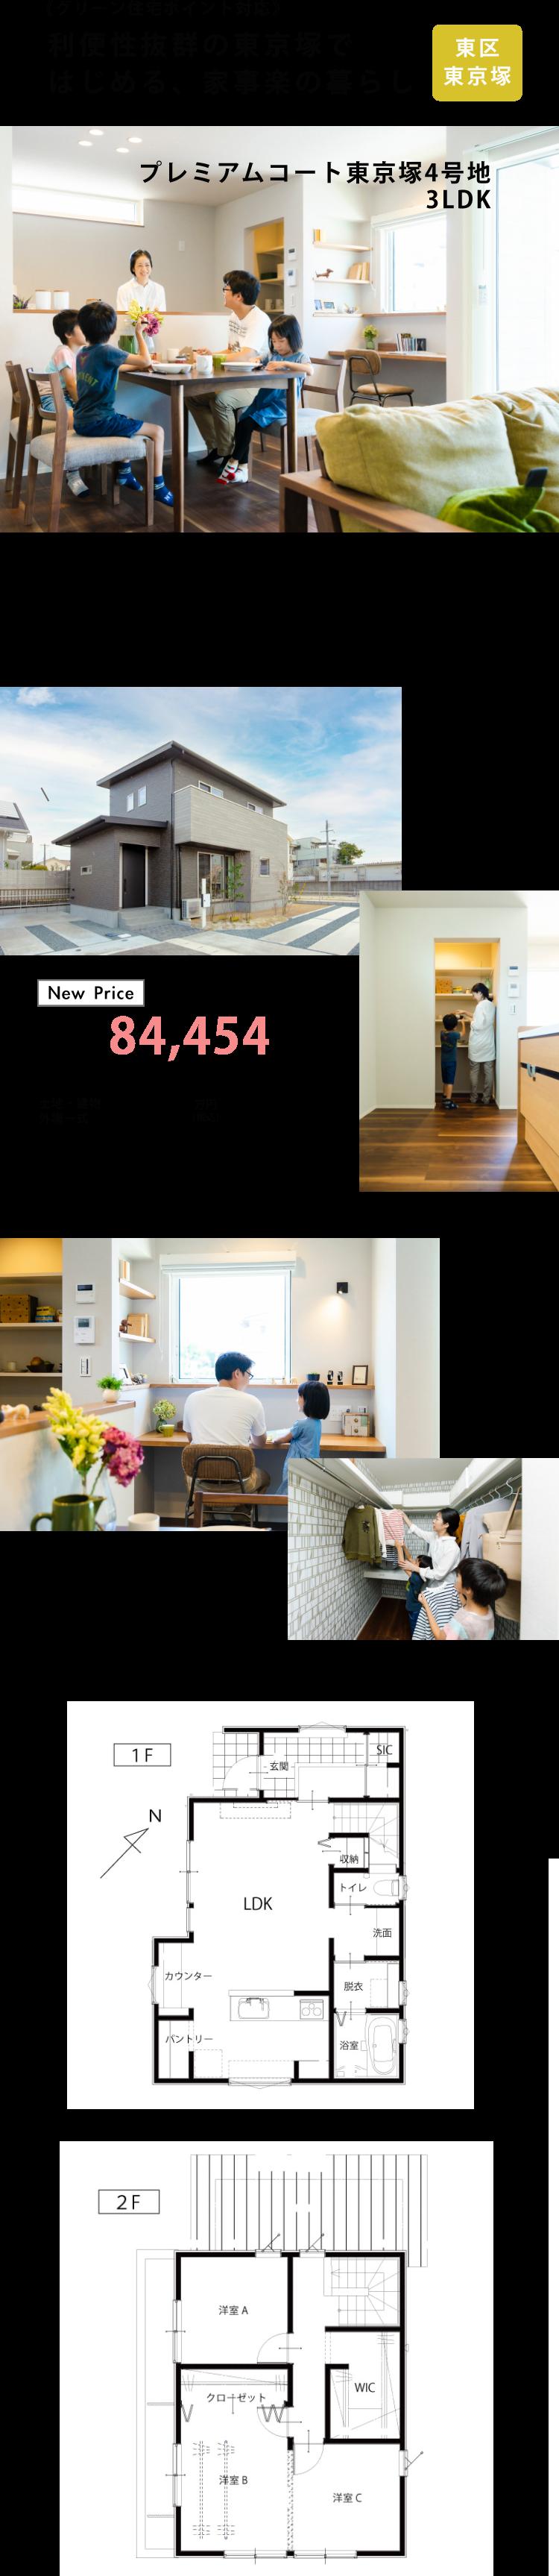 利便性抜群の東京塚ではじめる、家事楽の暮らし